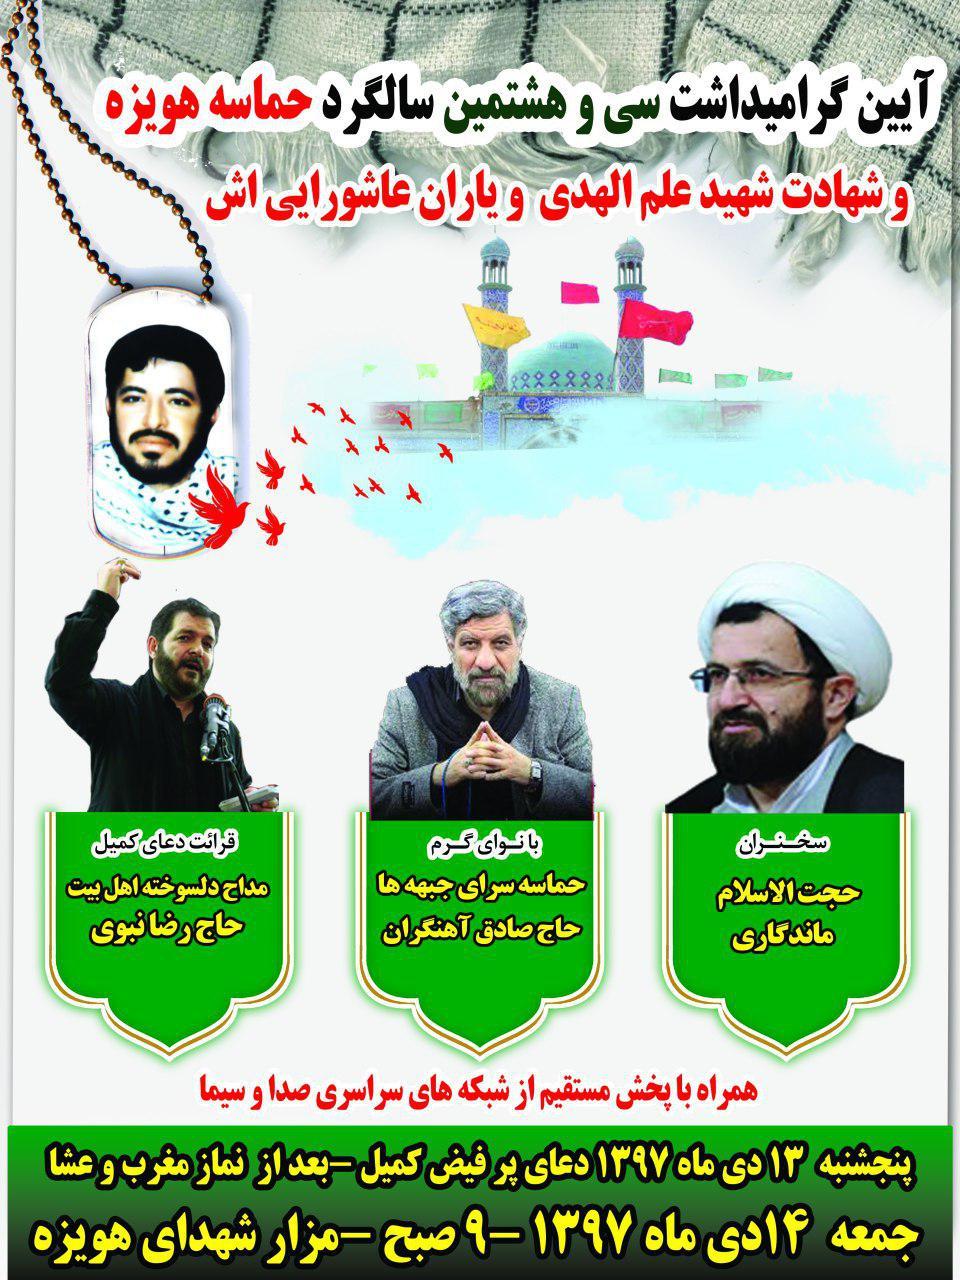 جزئیات برگزاری مراسم یادبود شهدای هویزه در سه استان